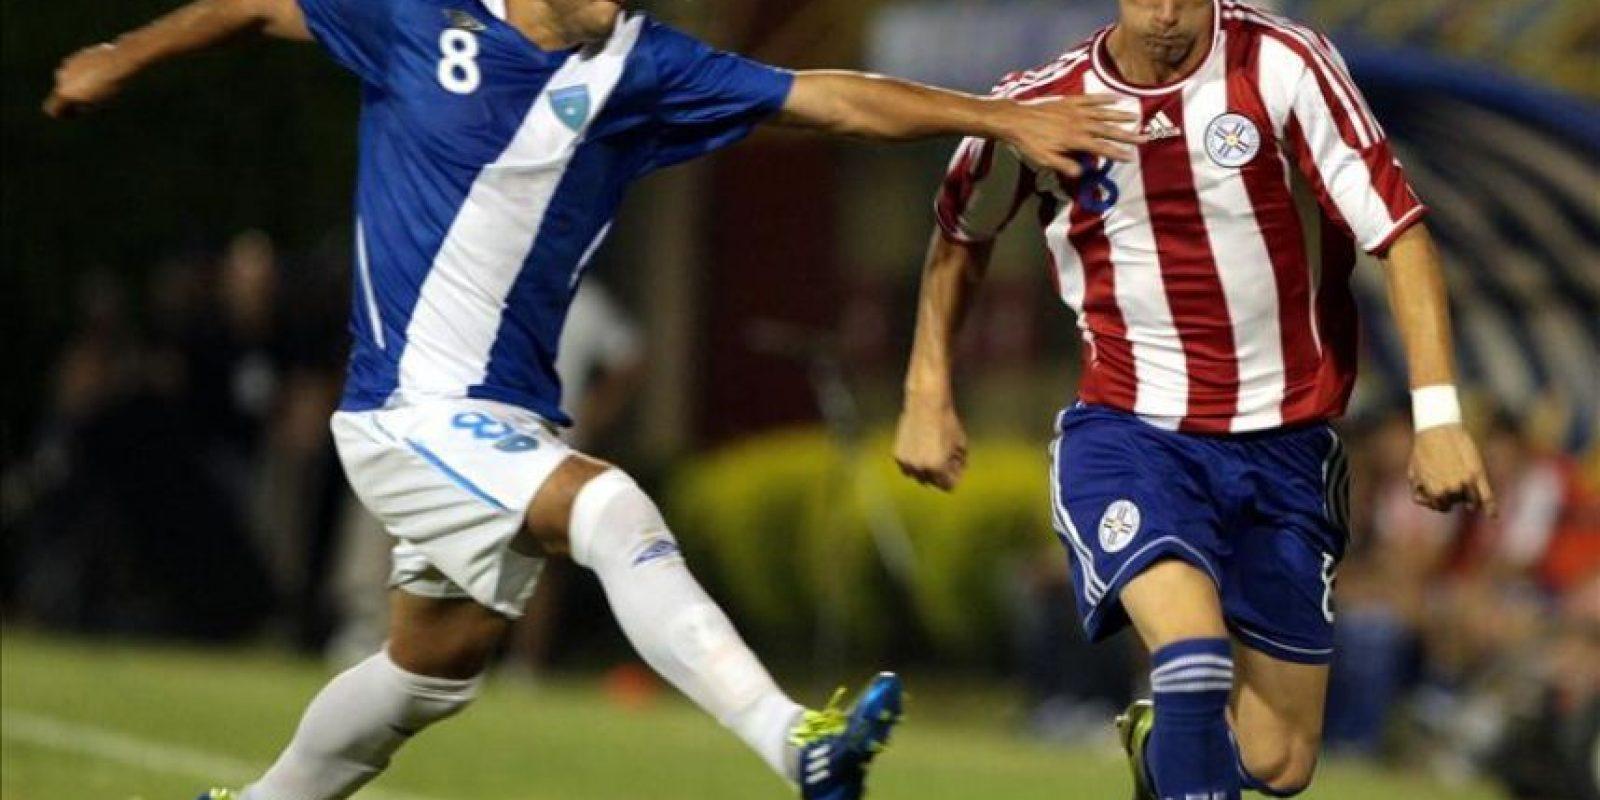 El jugador de la selección de Guatemala Pedro Samayoa (i) disputa el balón con Jorge Mendoza (d), de Paraguay, este 22 de febrero, durante el partido amistoso entre ambas selecciones que se disputa en la localidad de Luque, a 15 kilómetros de Asunción (Paraguay). EFE